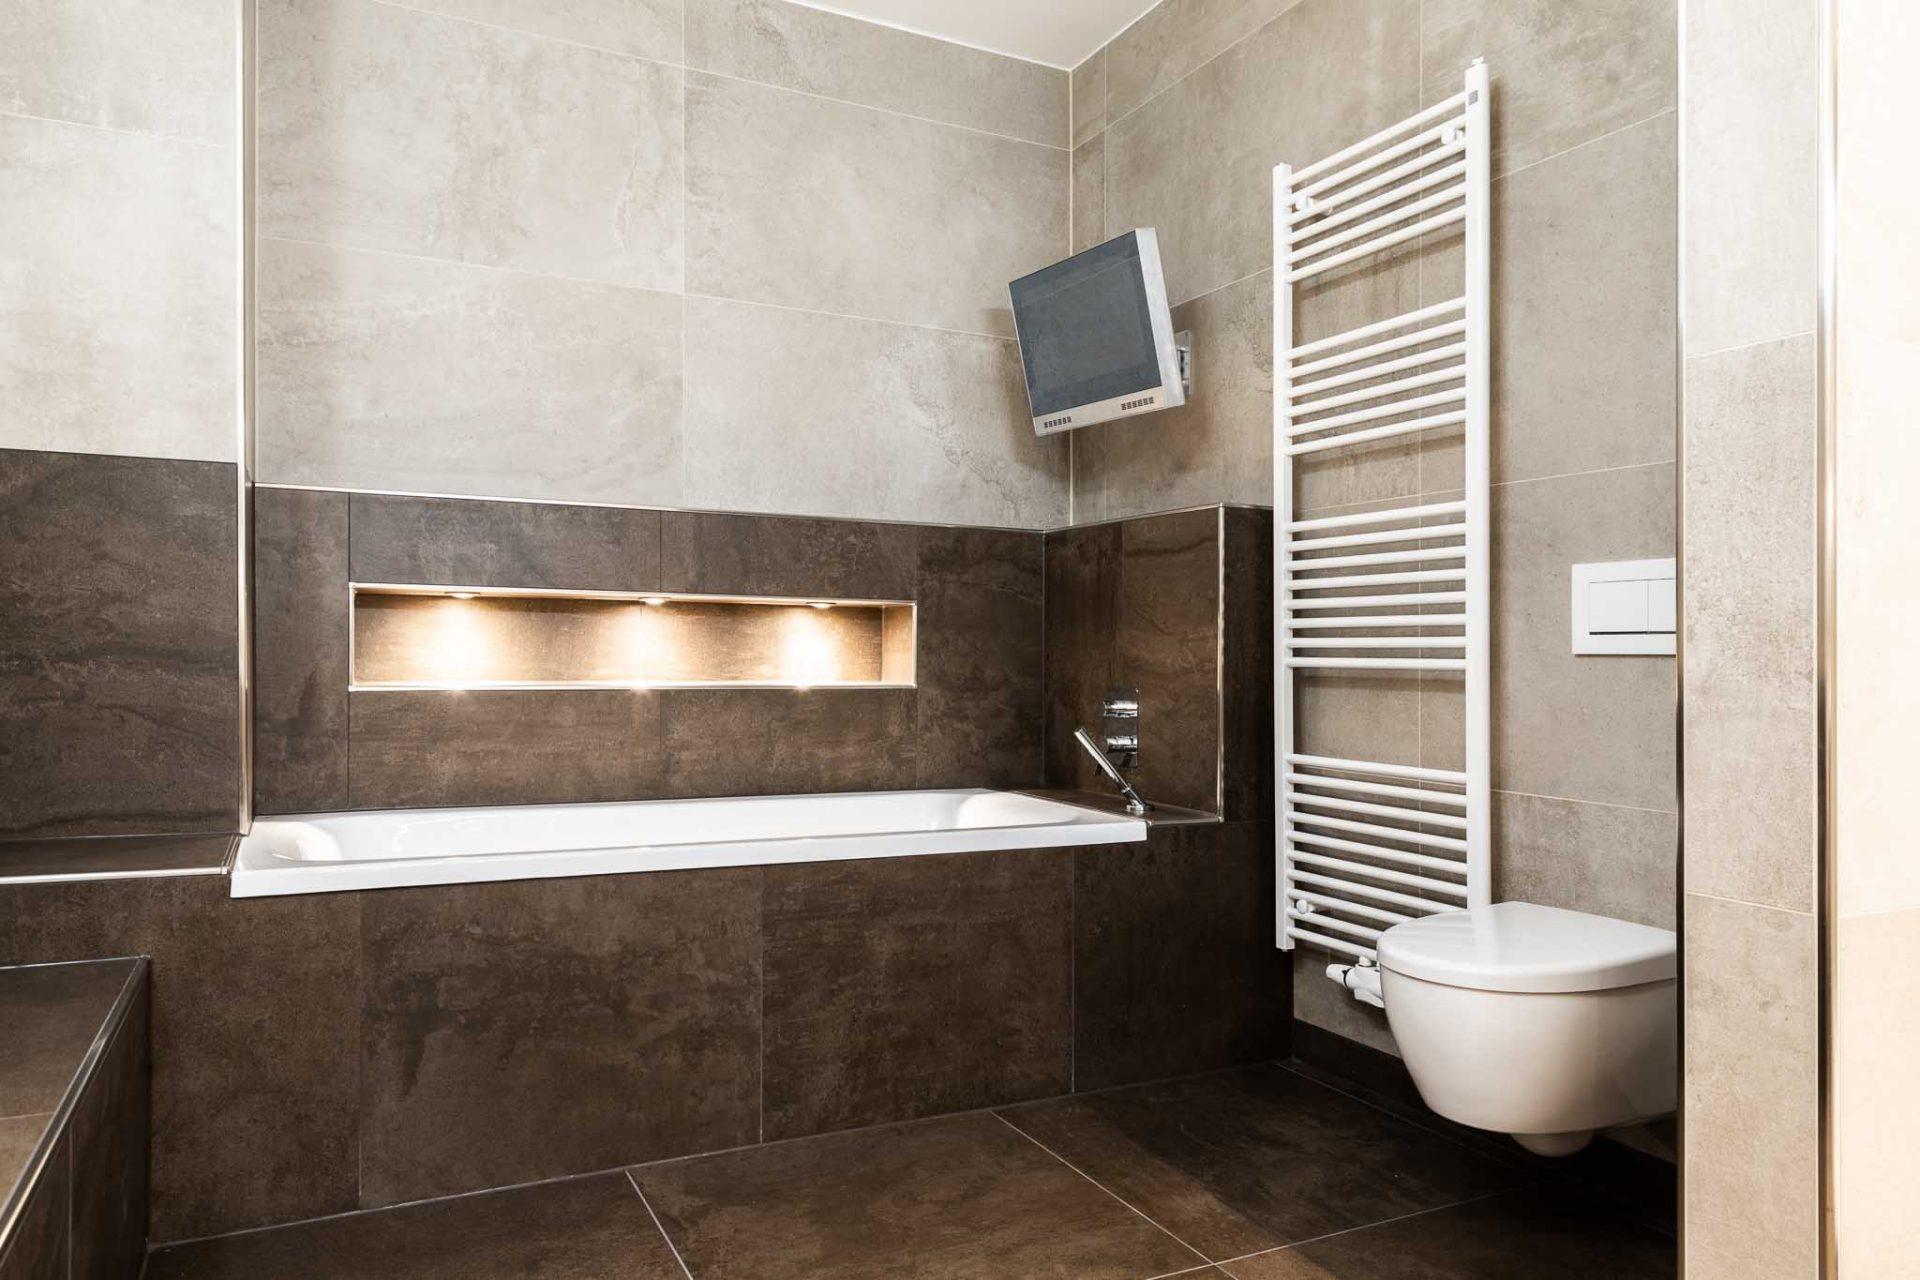 Badsanierung - Renovieren, Modernisieren, Sanieren - BHG Trier Koblenz Luxemburg